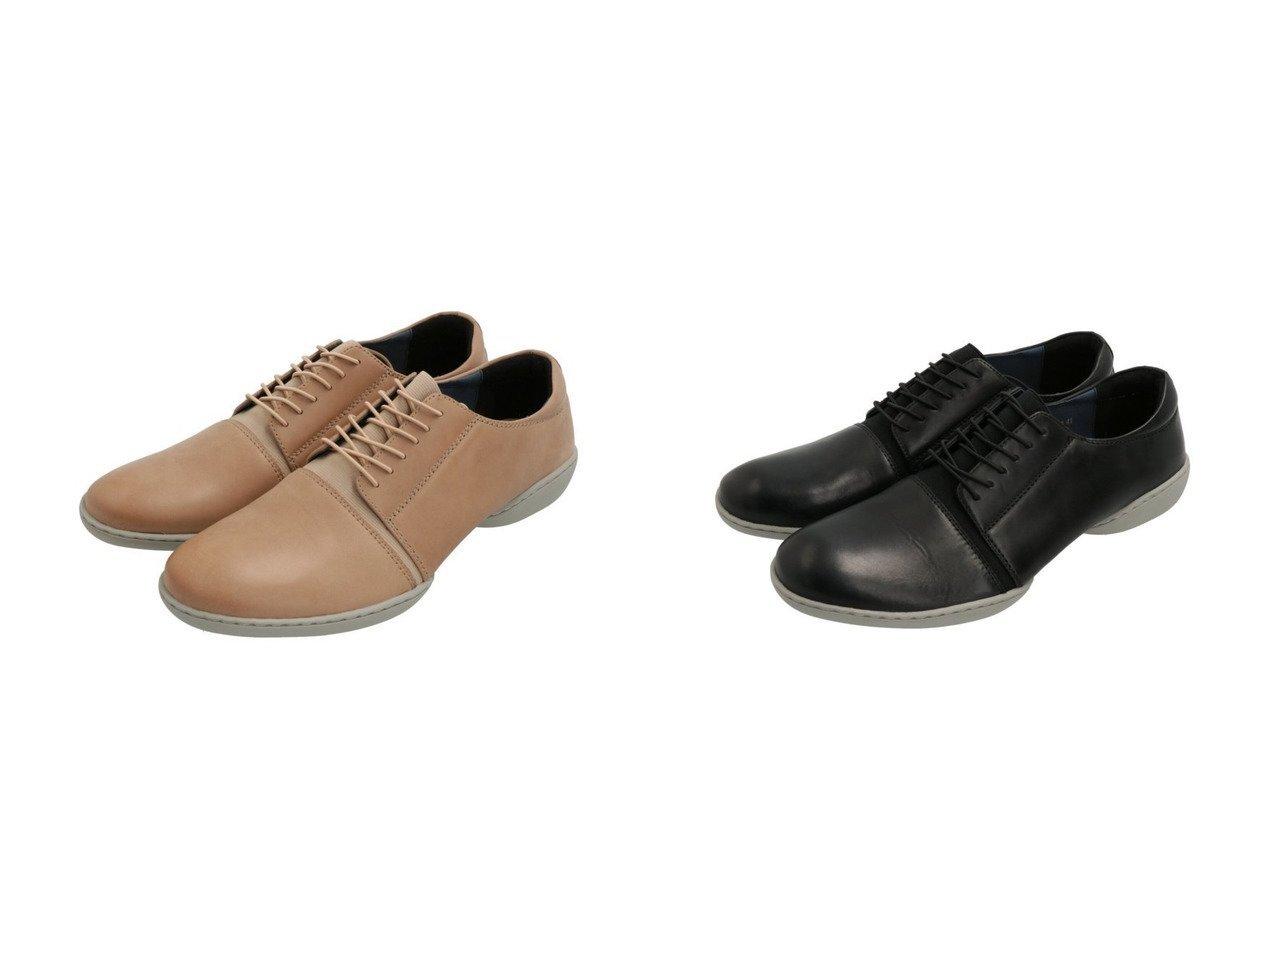 【whoop de doo/フープディドゥ】のセパレートソールシューズ/20130190 シューズ・靴のおすすめ!人気、トレンド・レディースファッションの通販  おすすめで人気の流行・トレンド、ファッションの通販商品 メンズファッション・キッズファッション・インテリア・家具・レディースファッション・服の通販 founy(ファニー) https://founy.com/ ファッション Fashion レディースファッション WOMEN シューズ ドレス |ID:crp329100000024523